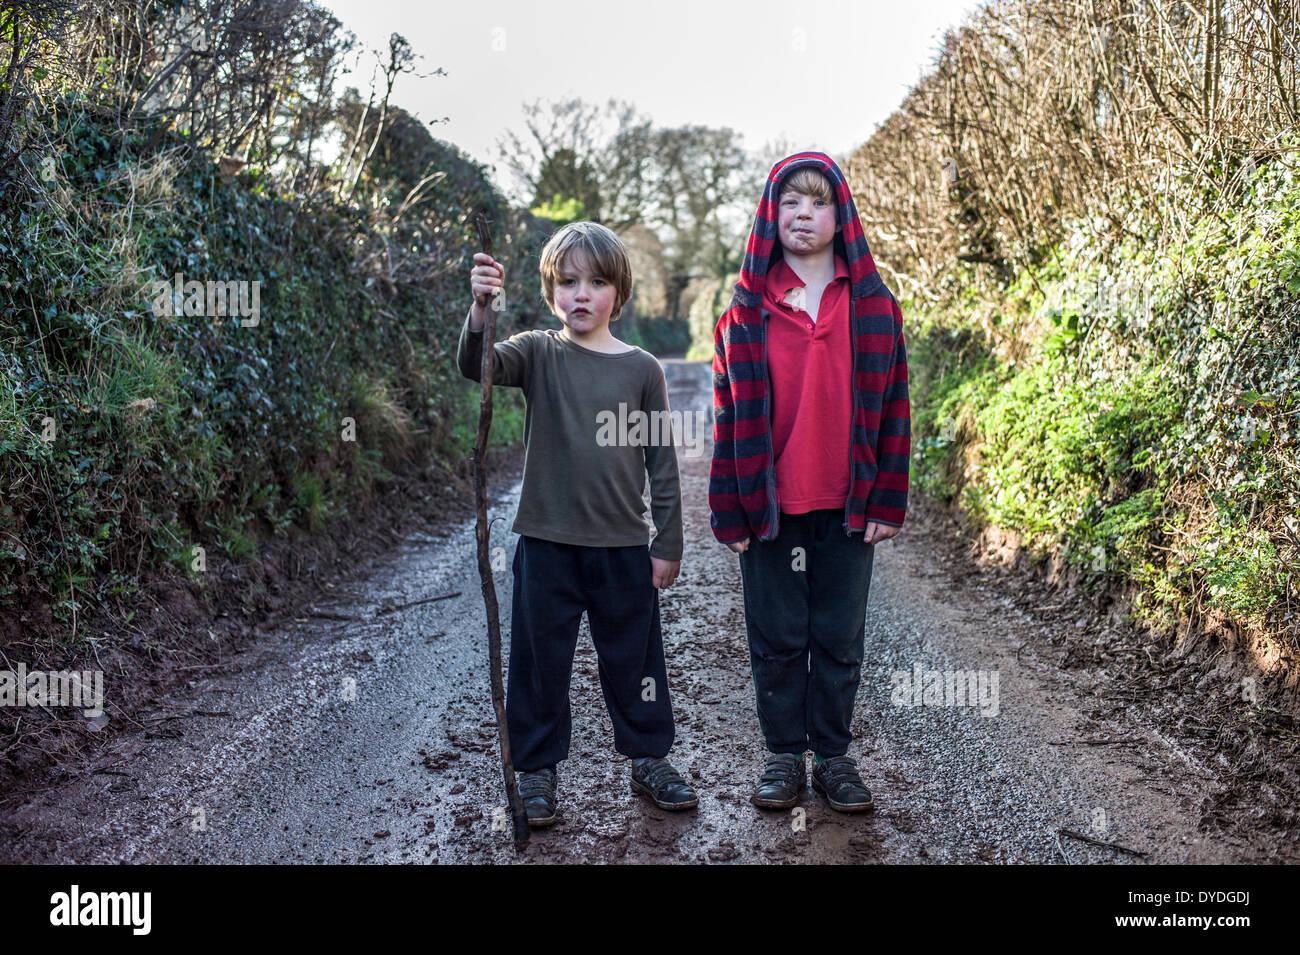 Deux garçons dans une ruelle boueuse. Photo Stock